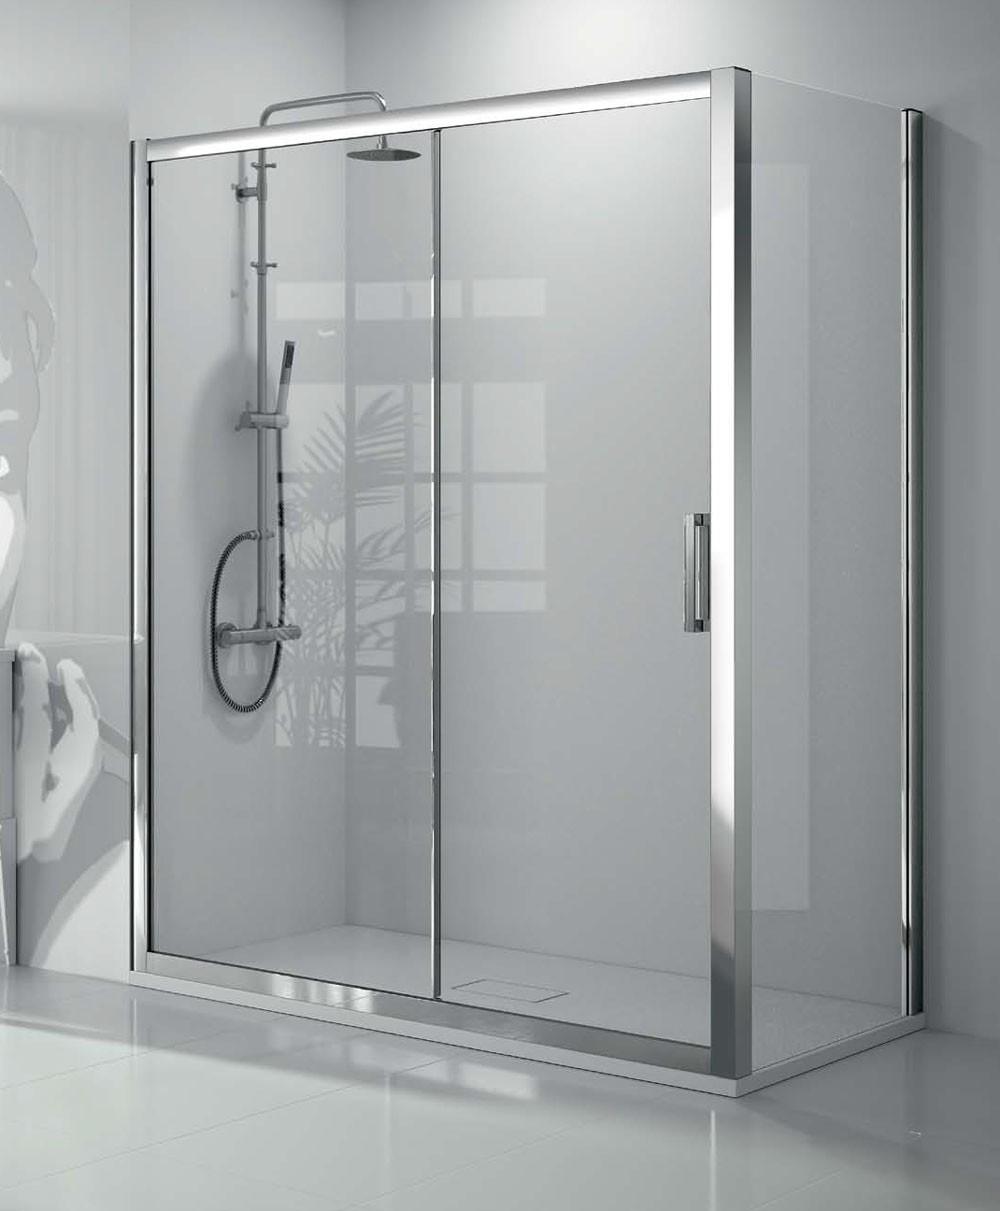 Baño Minusvalidos Puerta Corredera:Mampara de ducha 1 fijo + 1 corredera + 1 fijo serie 300 TR102 + TR103